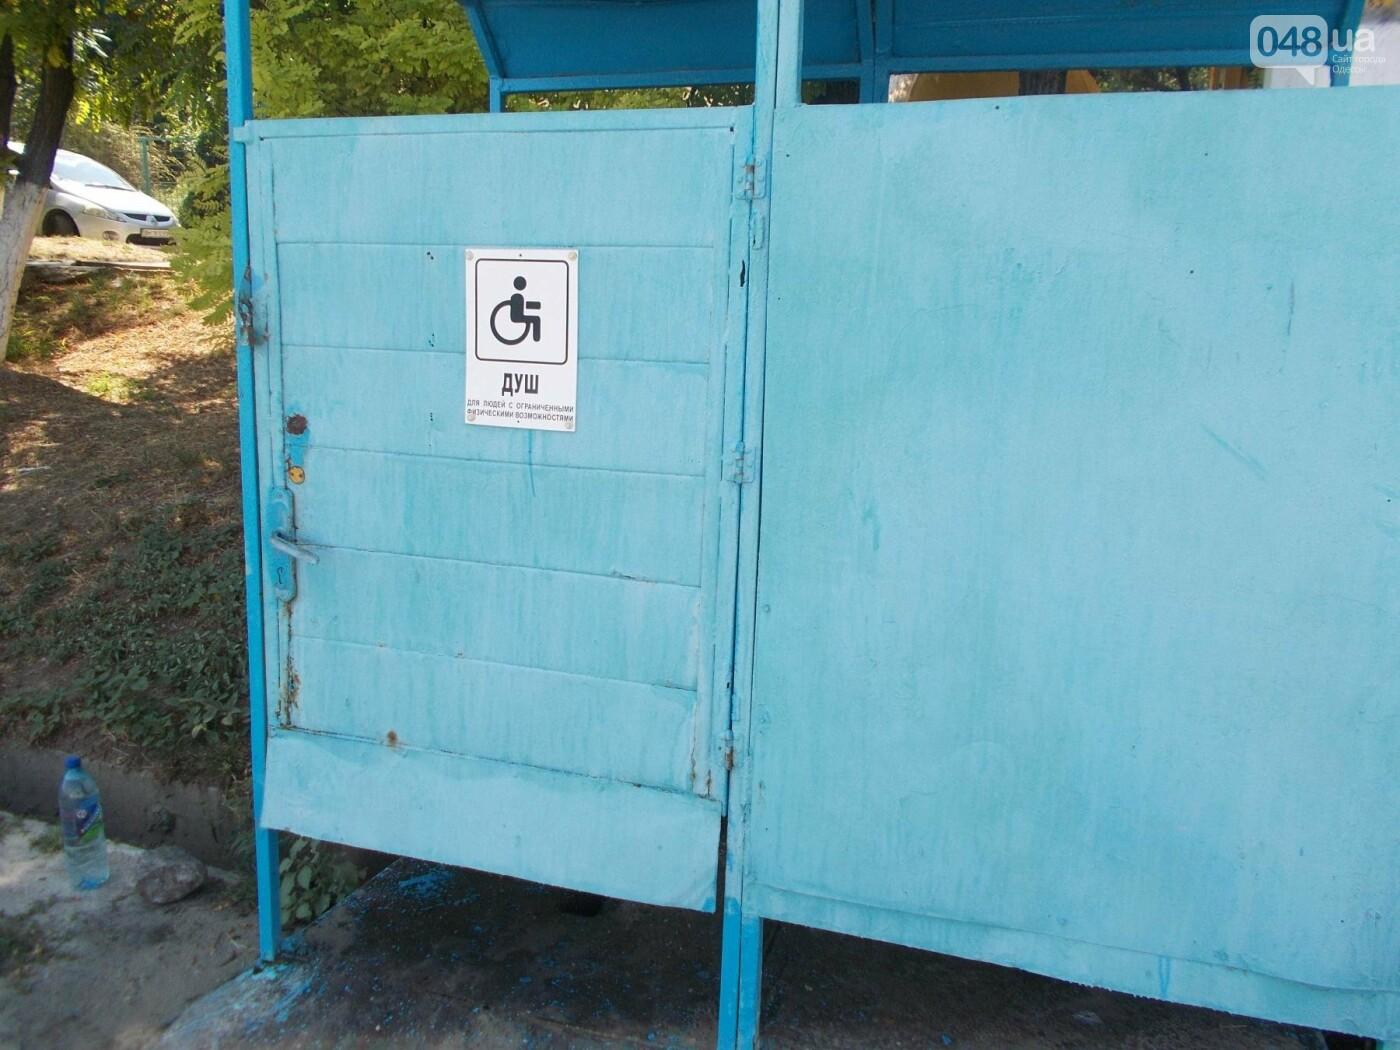 Удобства под замком: на пляже для людей с инвалидностью в Одессе в душ и туалет попасть нереально, - ФОТО , фото-2